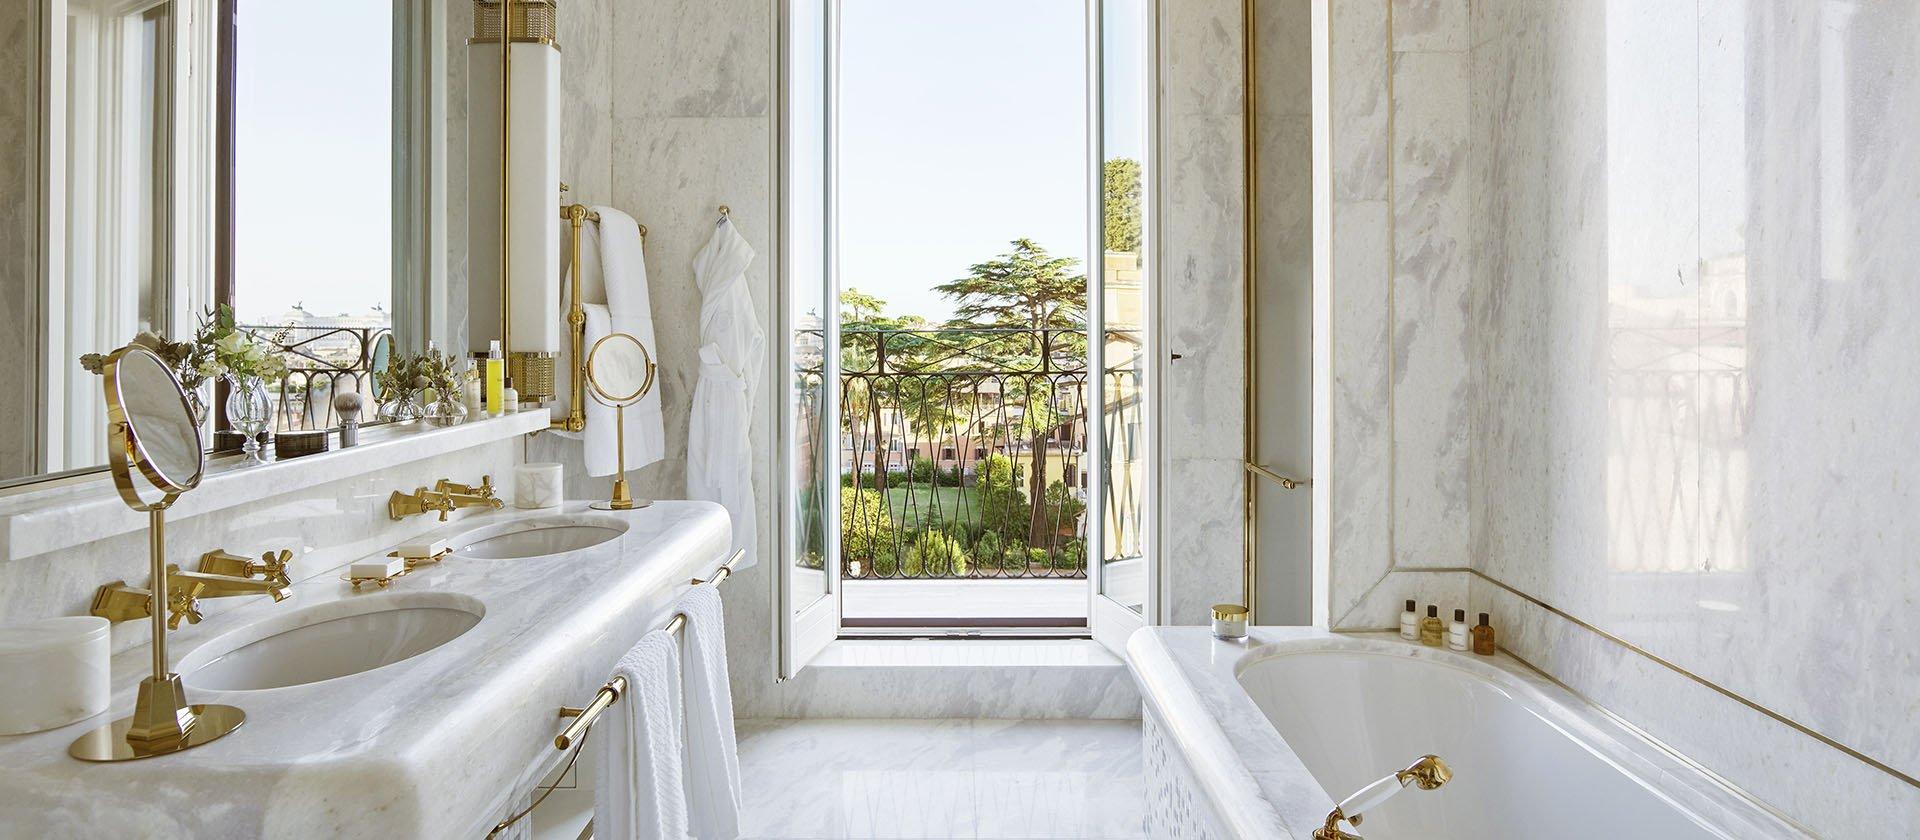 Bathroom inside the VIlla Medci Presidential Suite at Hotel Eden